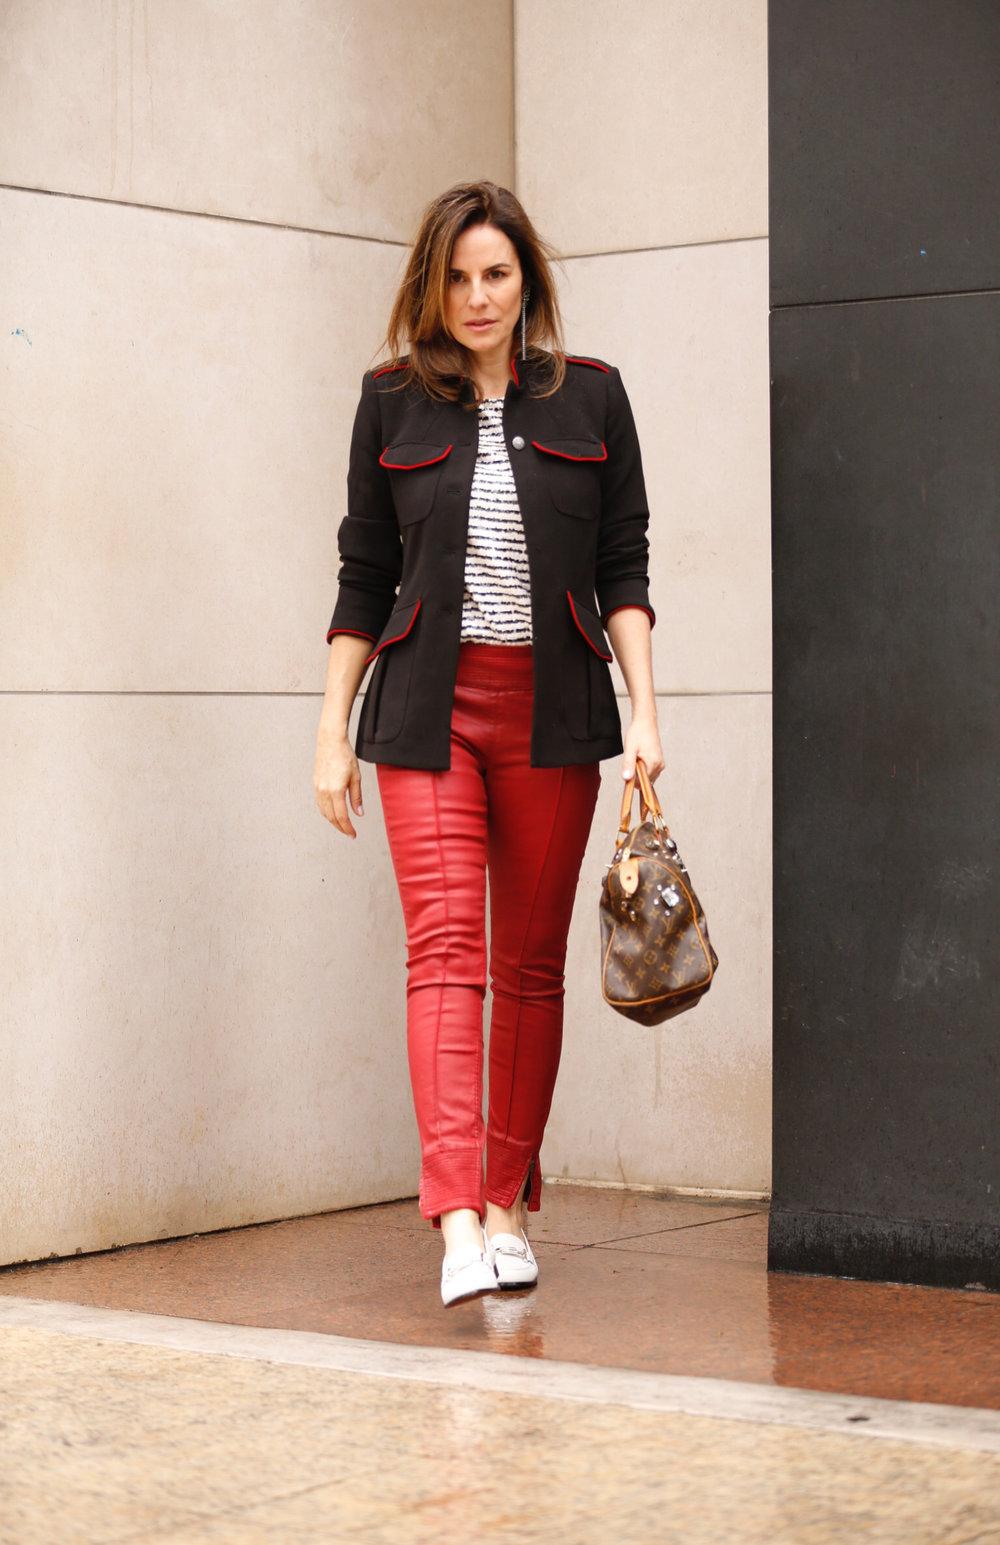 Casaco Zara, camiseta JCrew e bolsa Louis Vuitton.